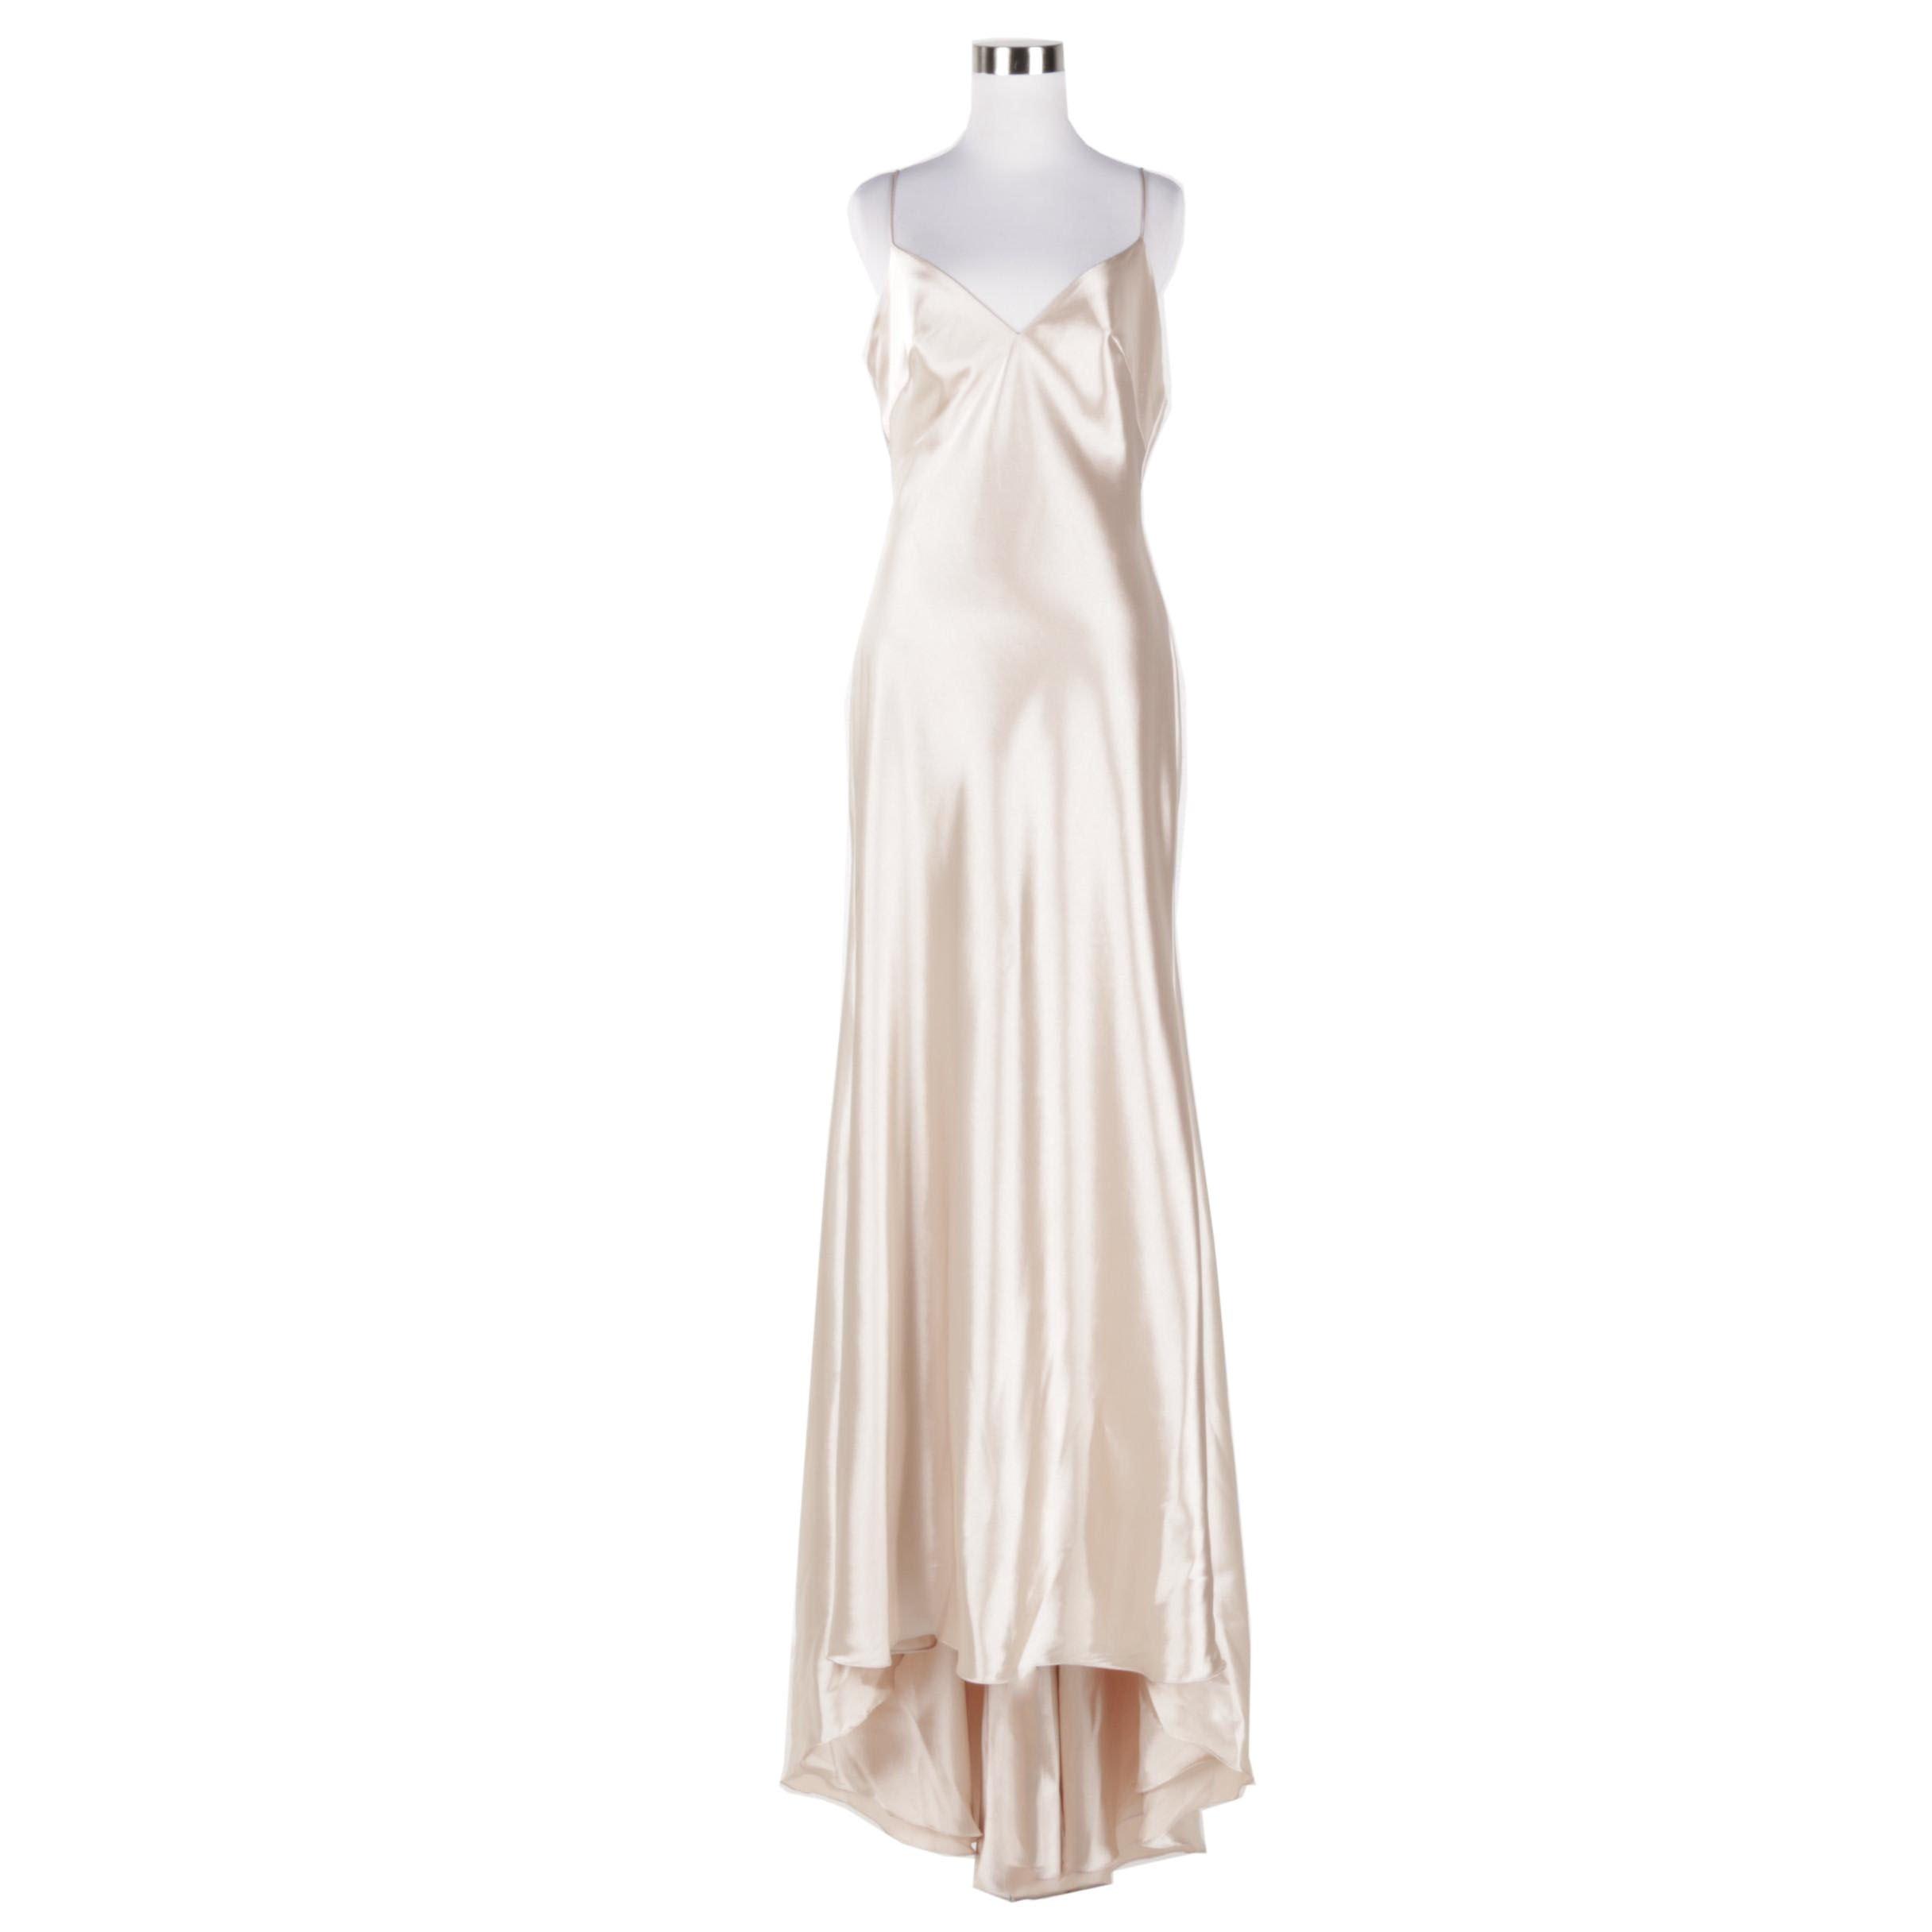 Allure Bridals Slip Gown